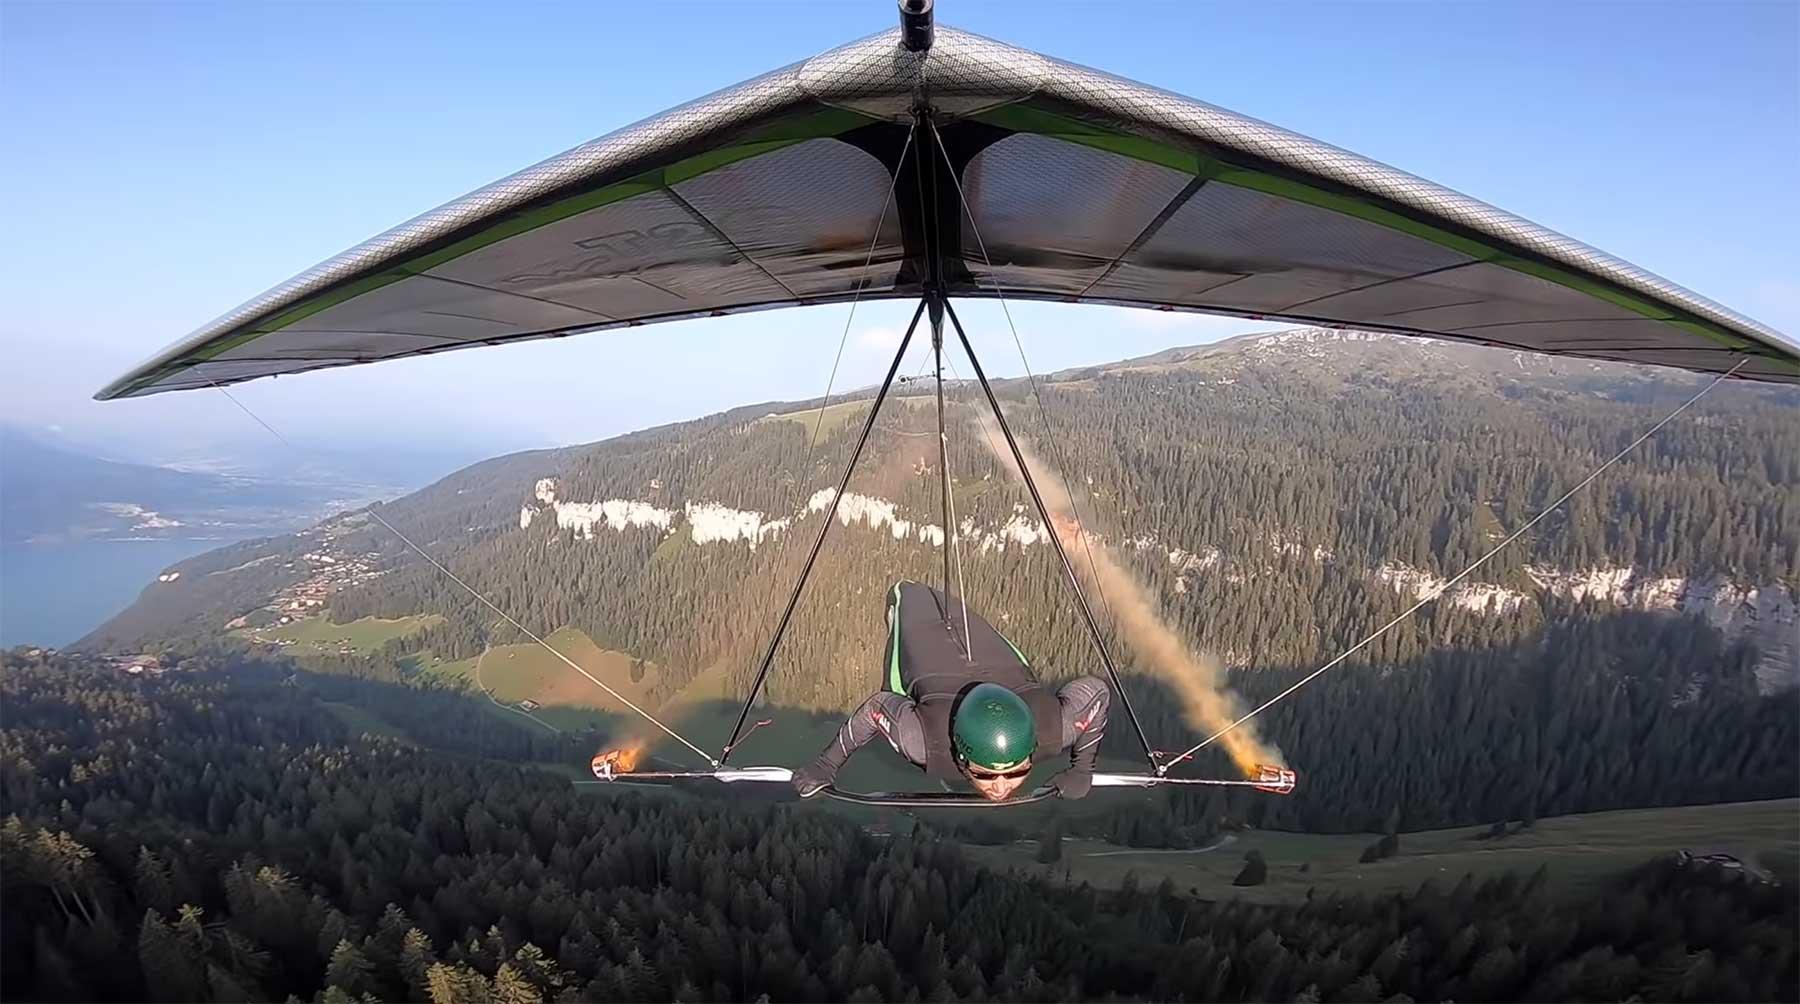 Mit Wolfgang Siess über die Schweiz fliegen